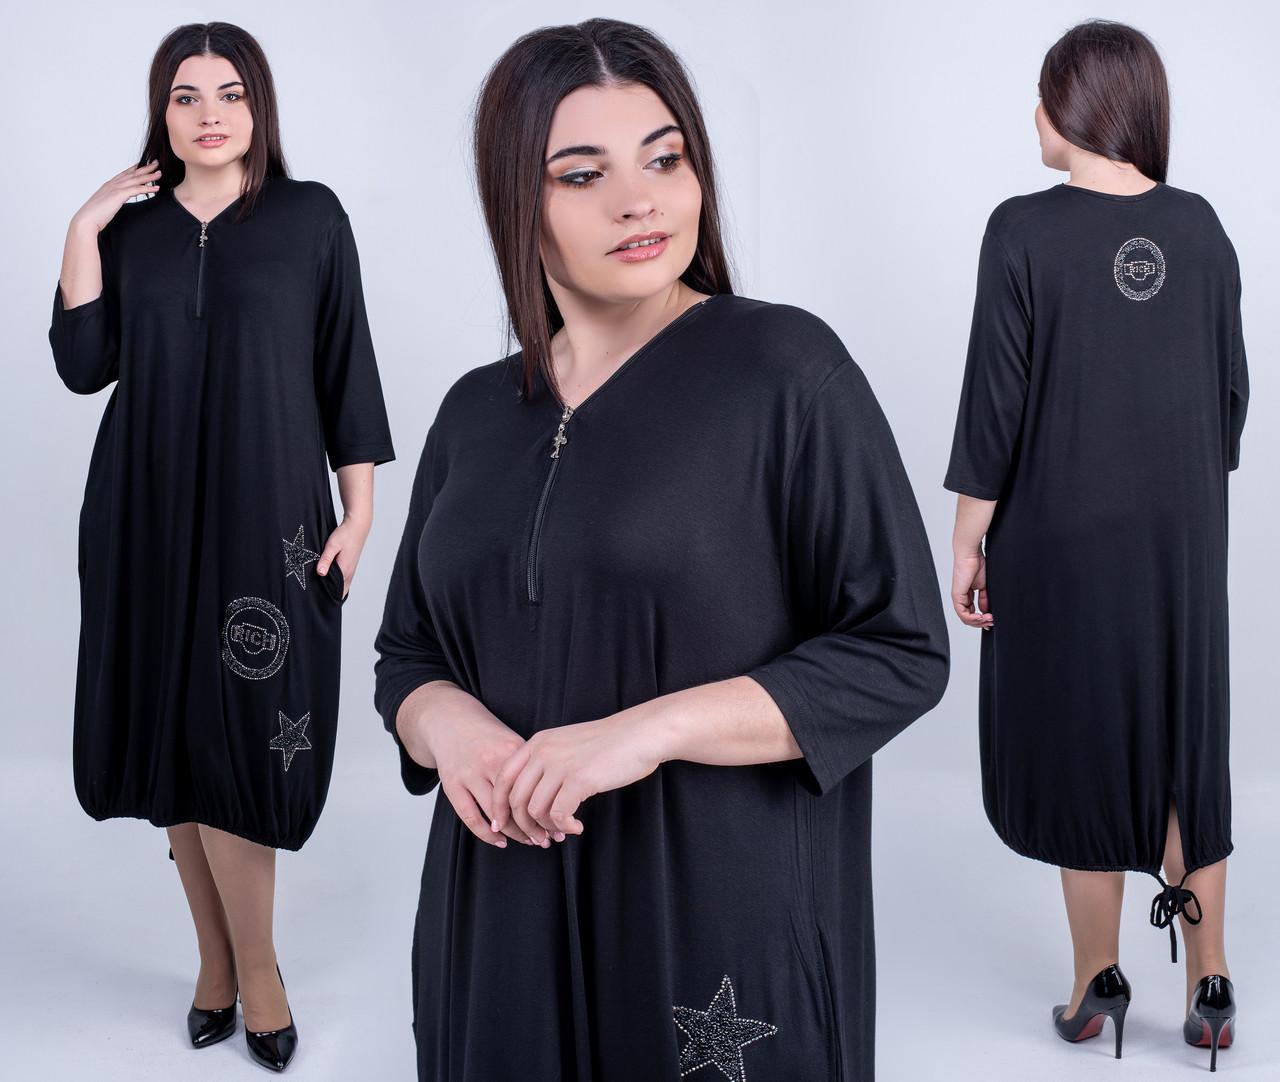 742c86d3bc32 Свободное платье Окси летнее большого размера 52-62 размера черное - 💎TM